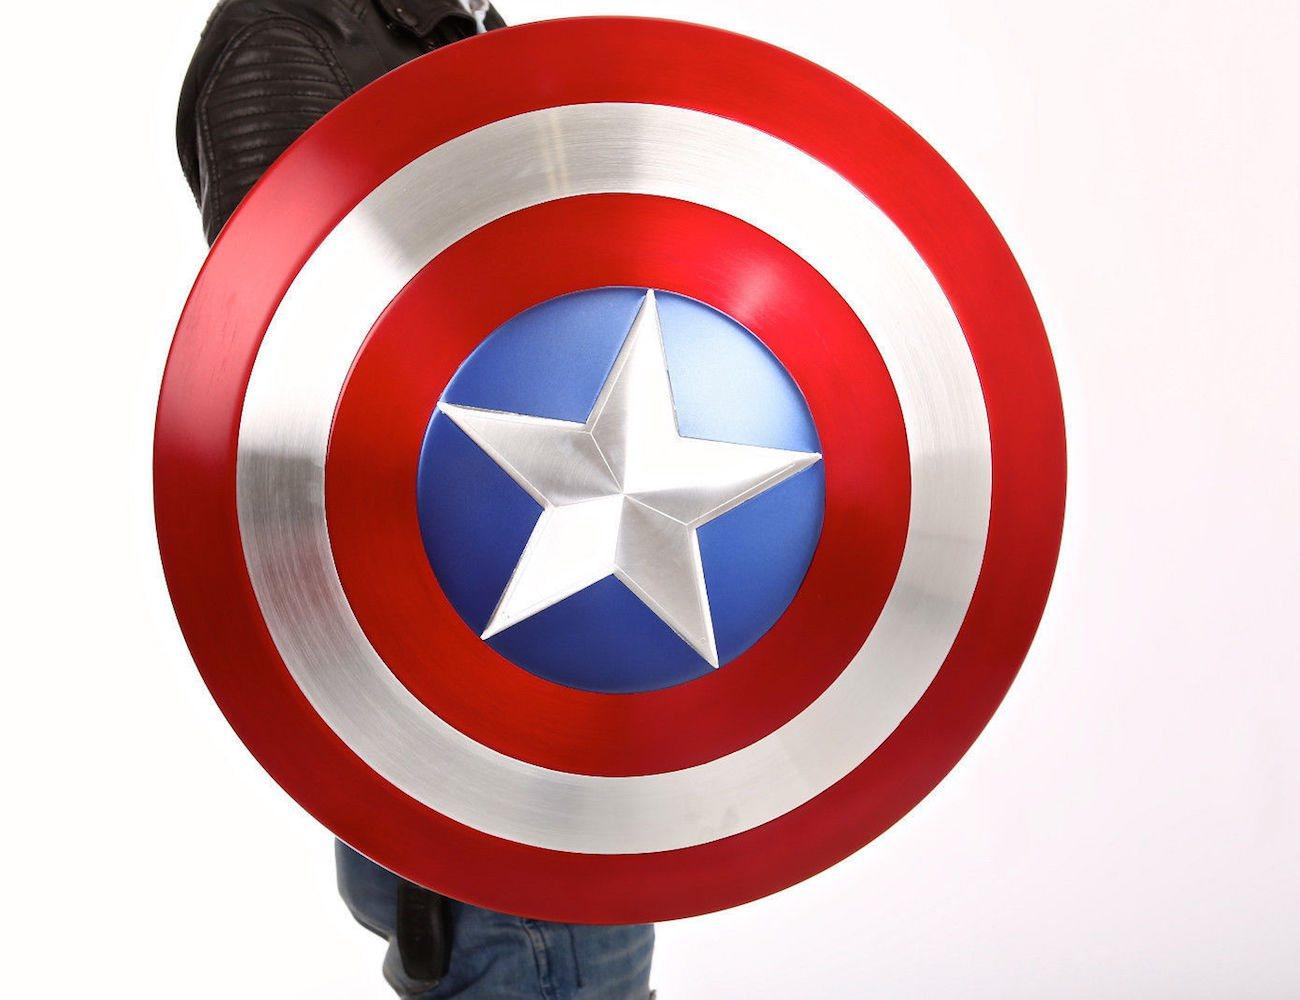 avenger-shield-02